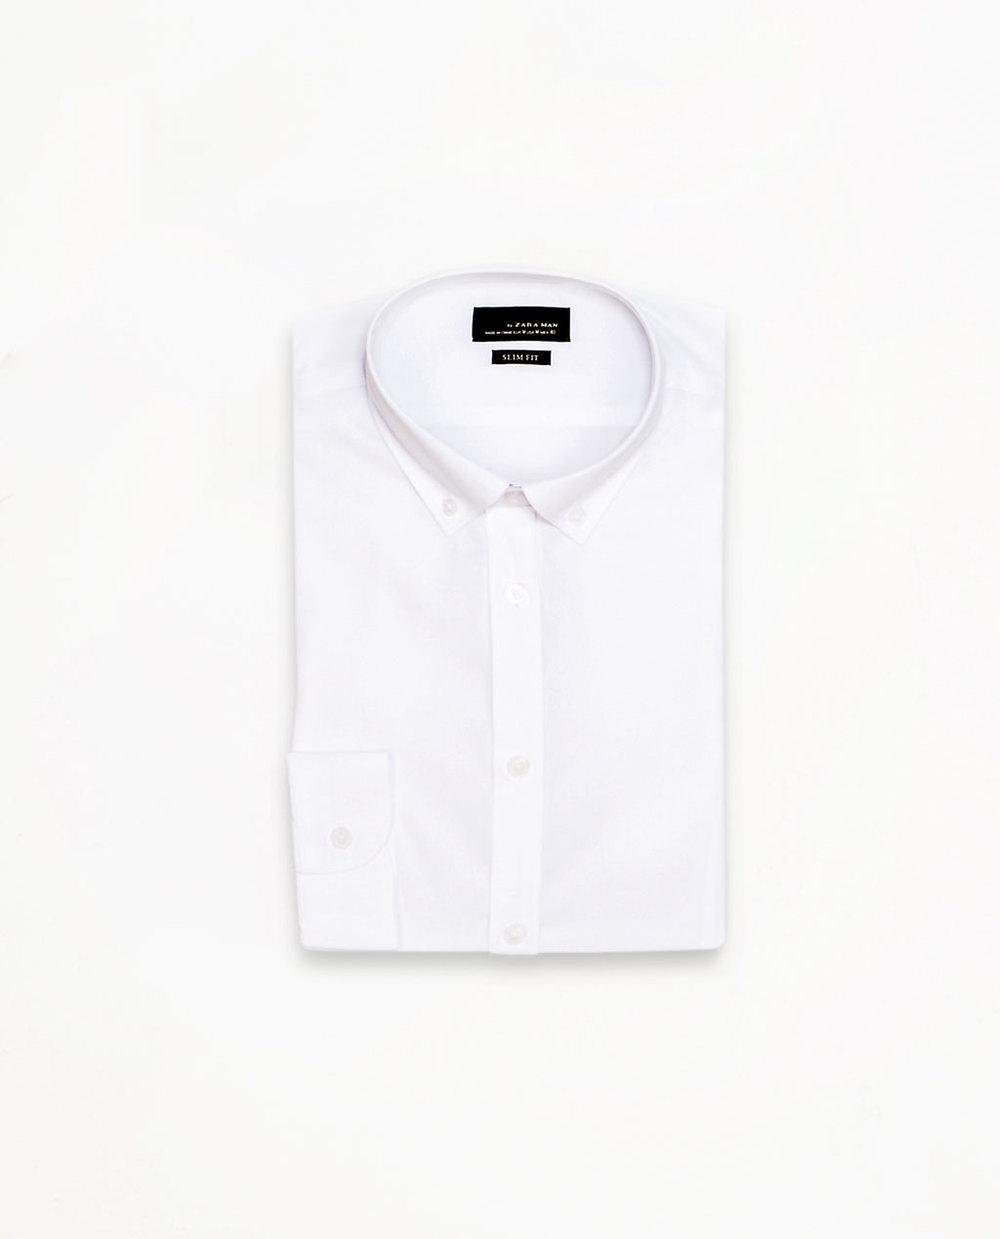 Bela košulja...verovatno će vam se uskoro udavati ili ženiti neko od bliskih prijatelja, pa zatrebaće :-)...a i lepo je leti belo... :-)